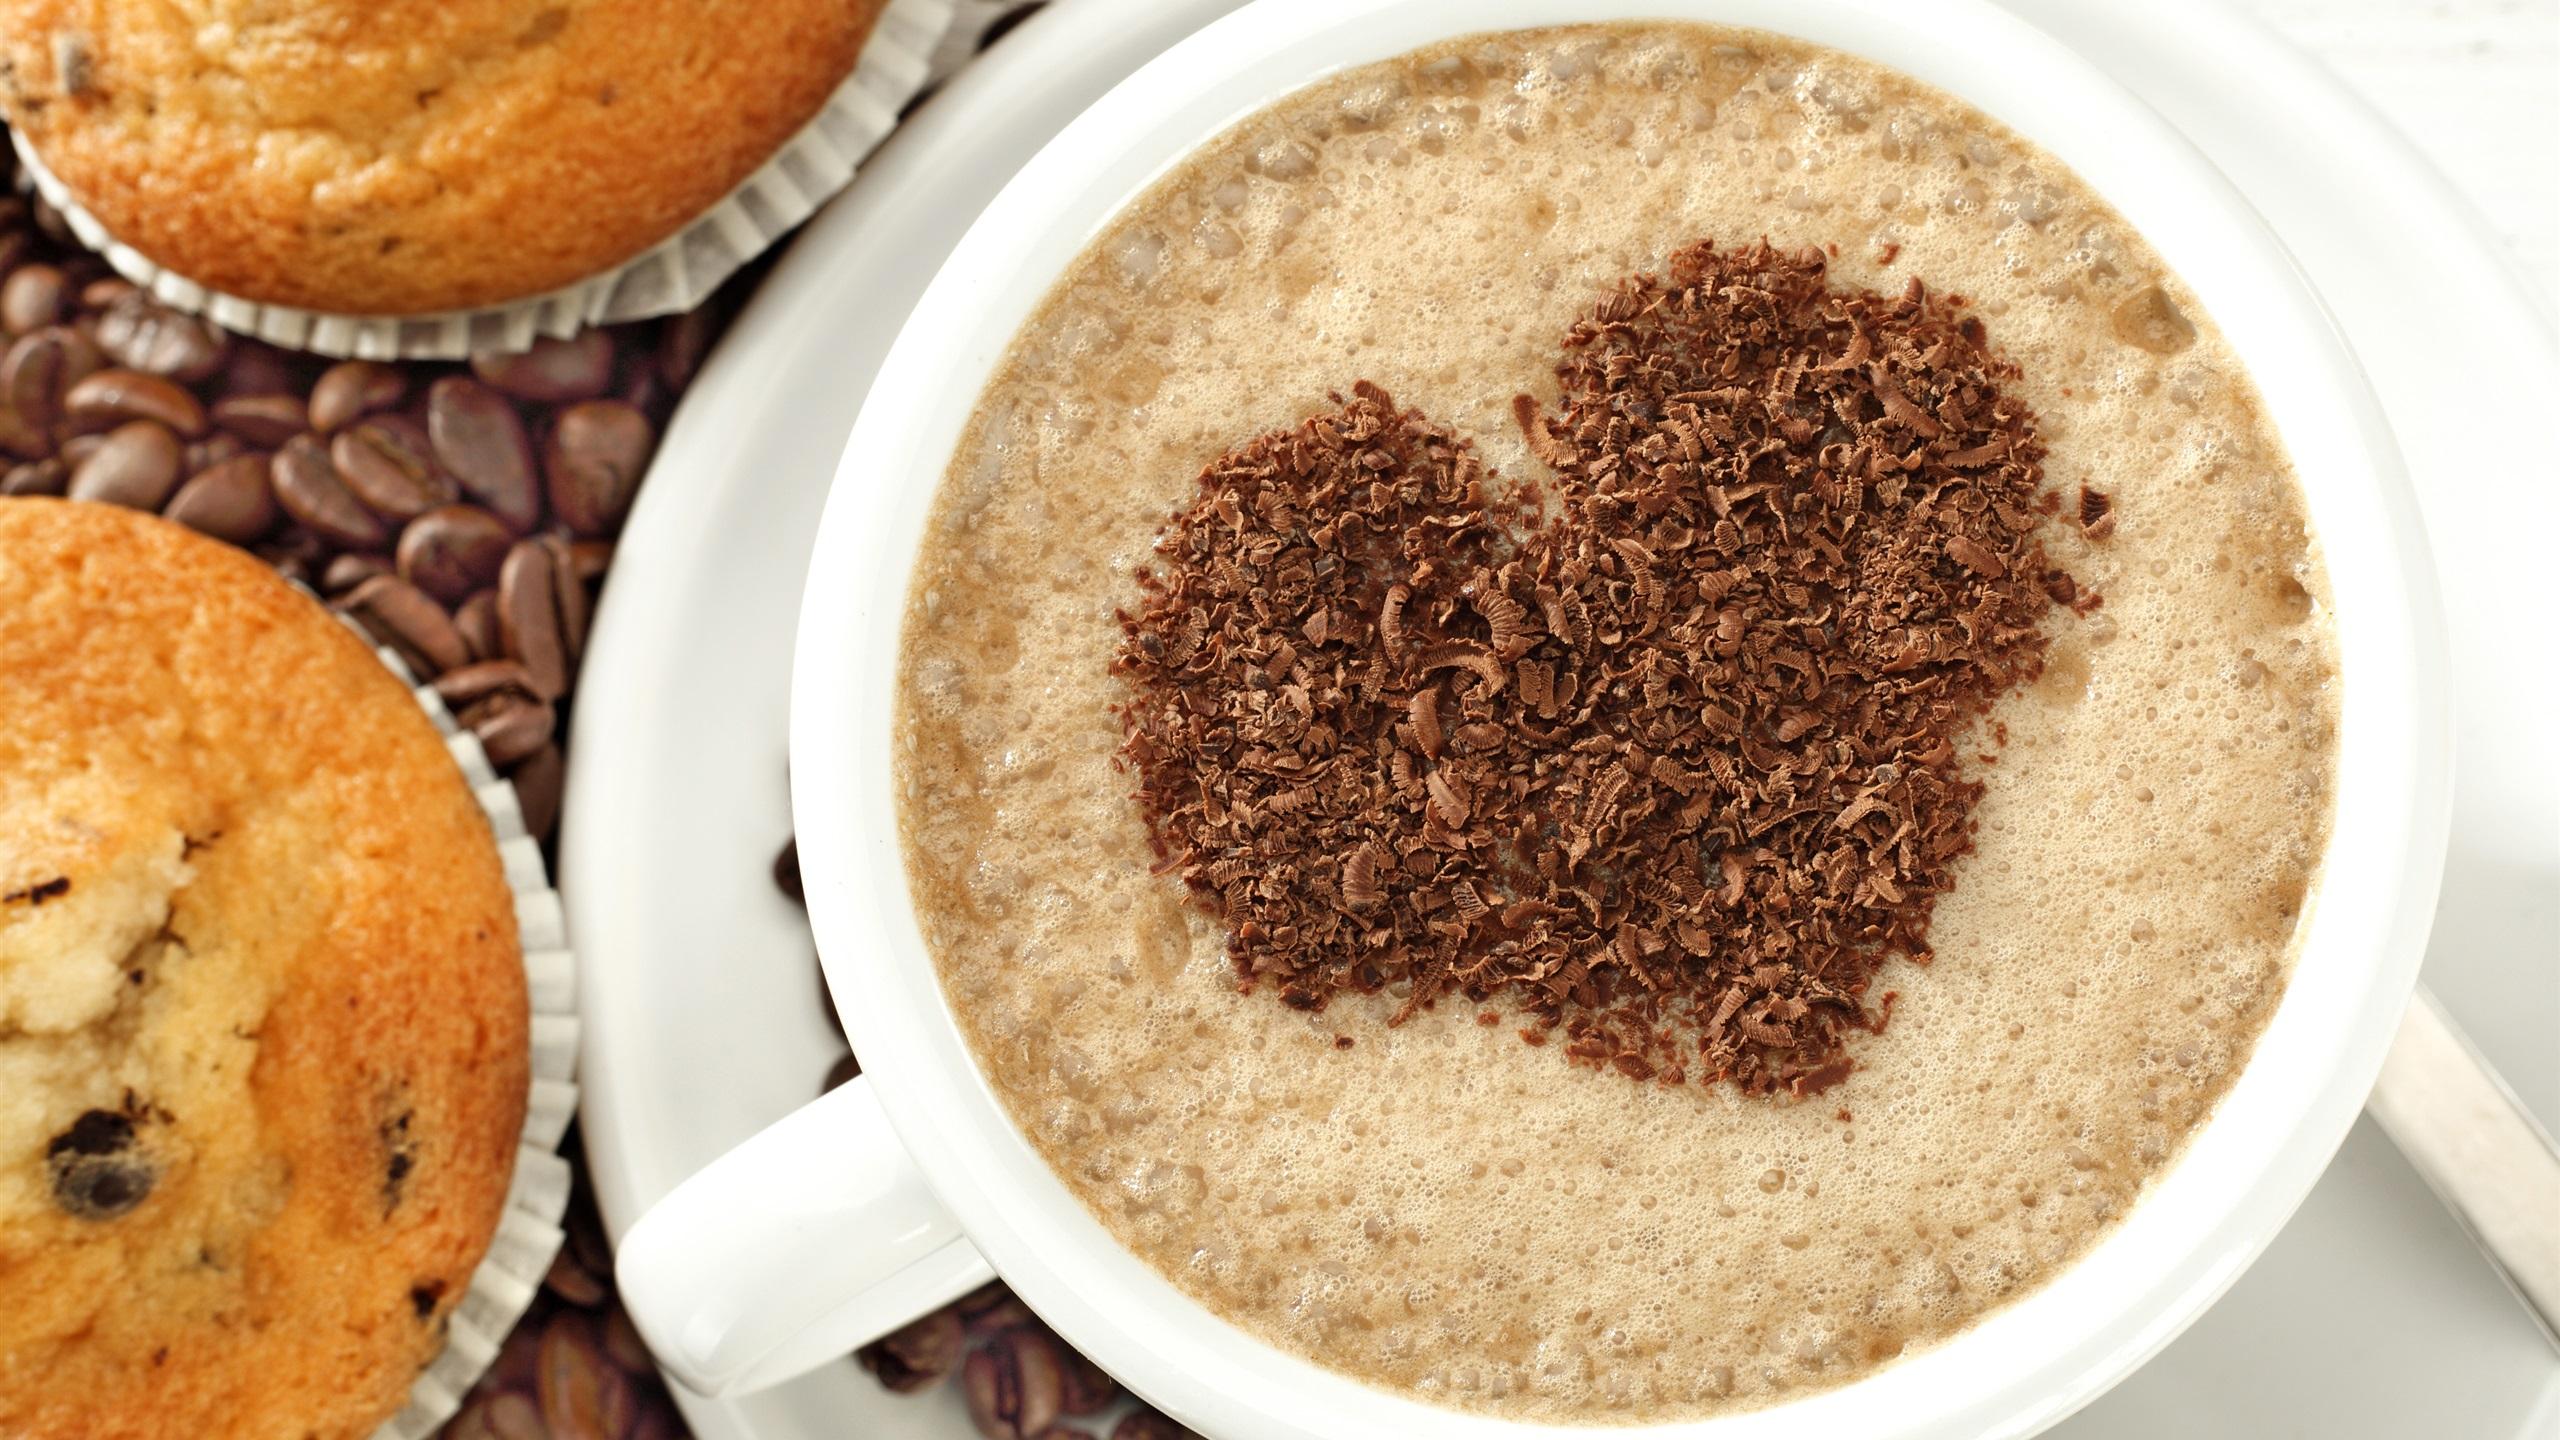 Cappuccino Kaffee, Liebesherzen , Kuchen 3840x2160 UHD 4K